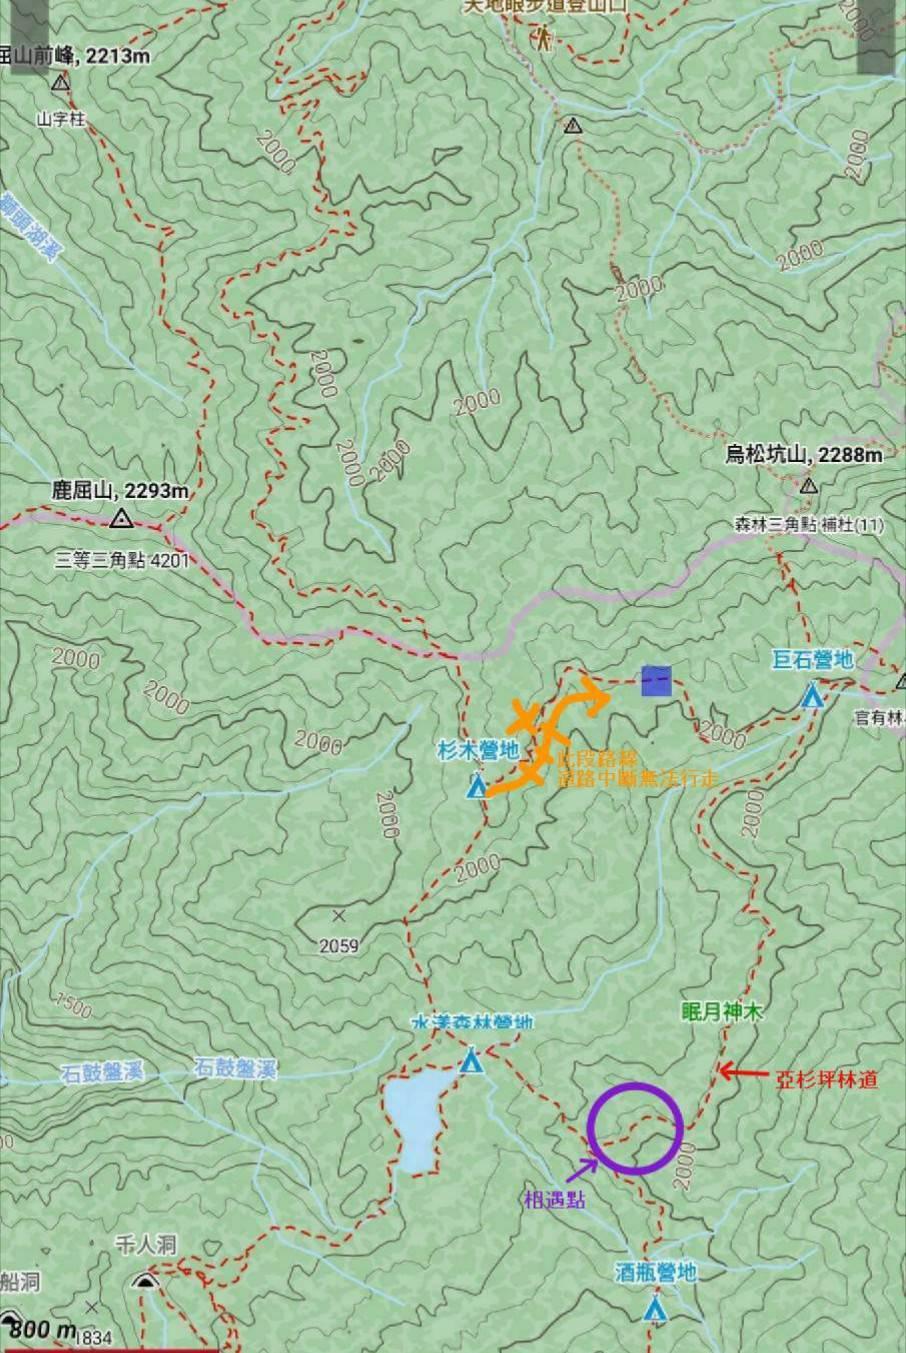 搜救人員今天下午已看見林女營地、取得聯繫,因雨勢太大,無法到達林女紮營處,確認傷...